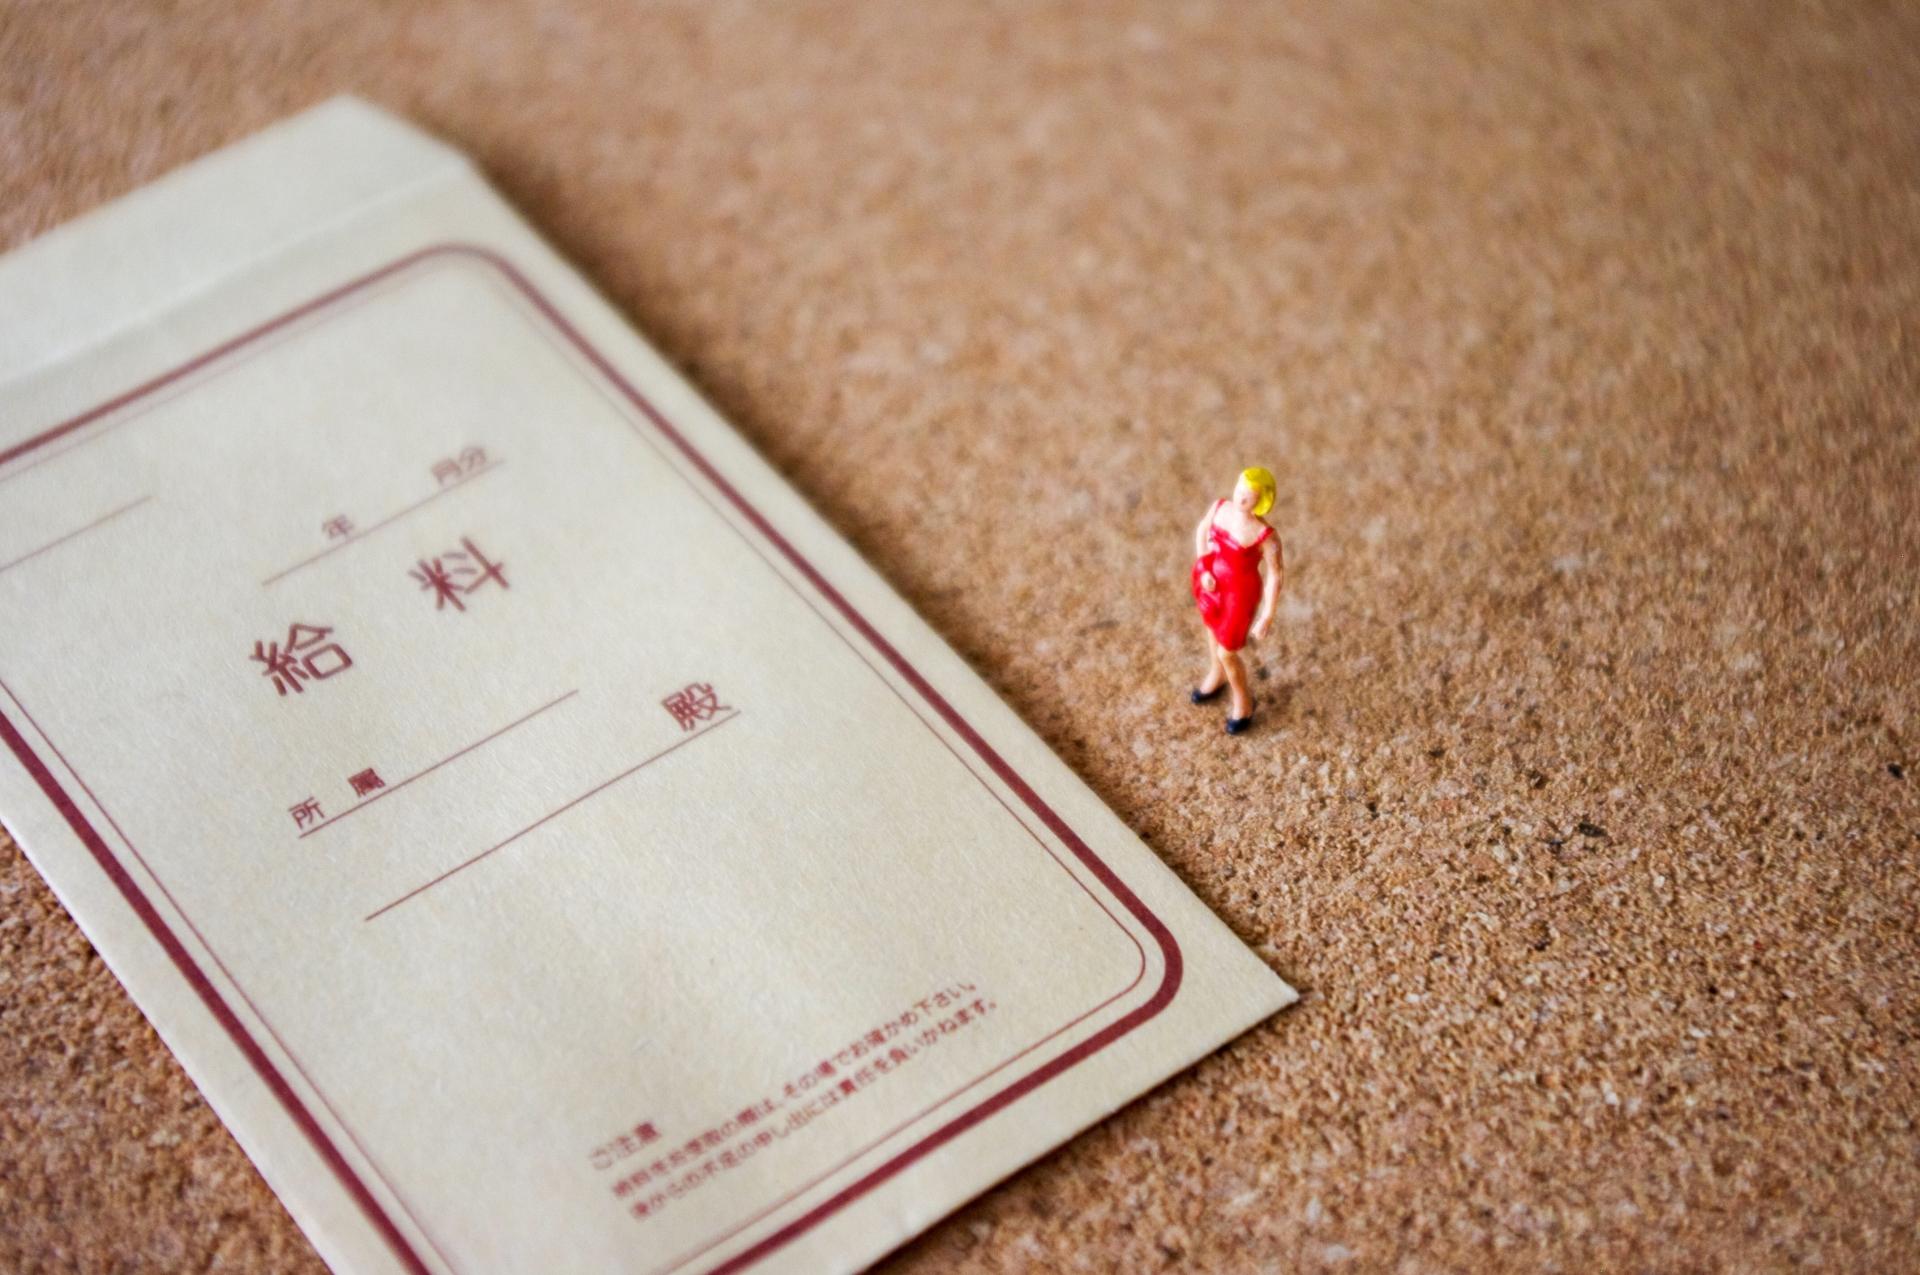 水晶玉子の金運占い|あなたの年収○○万円になります。タイミングはいつ?